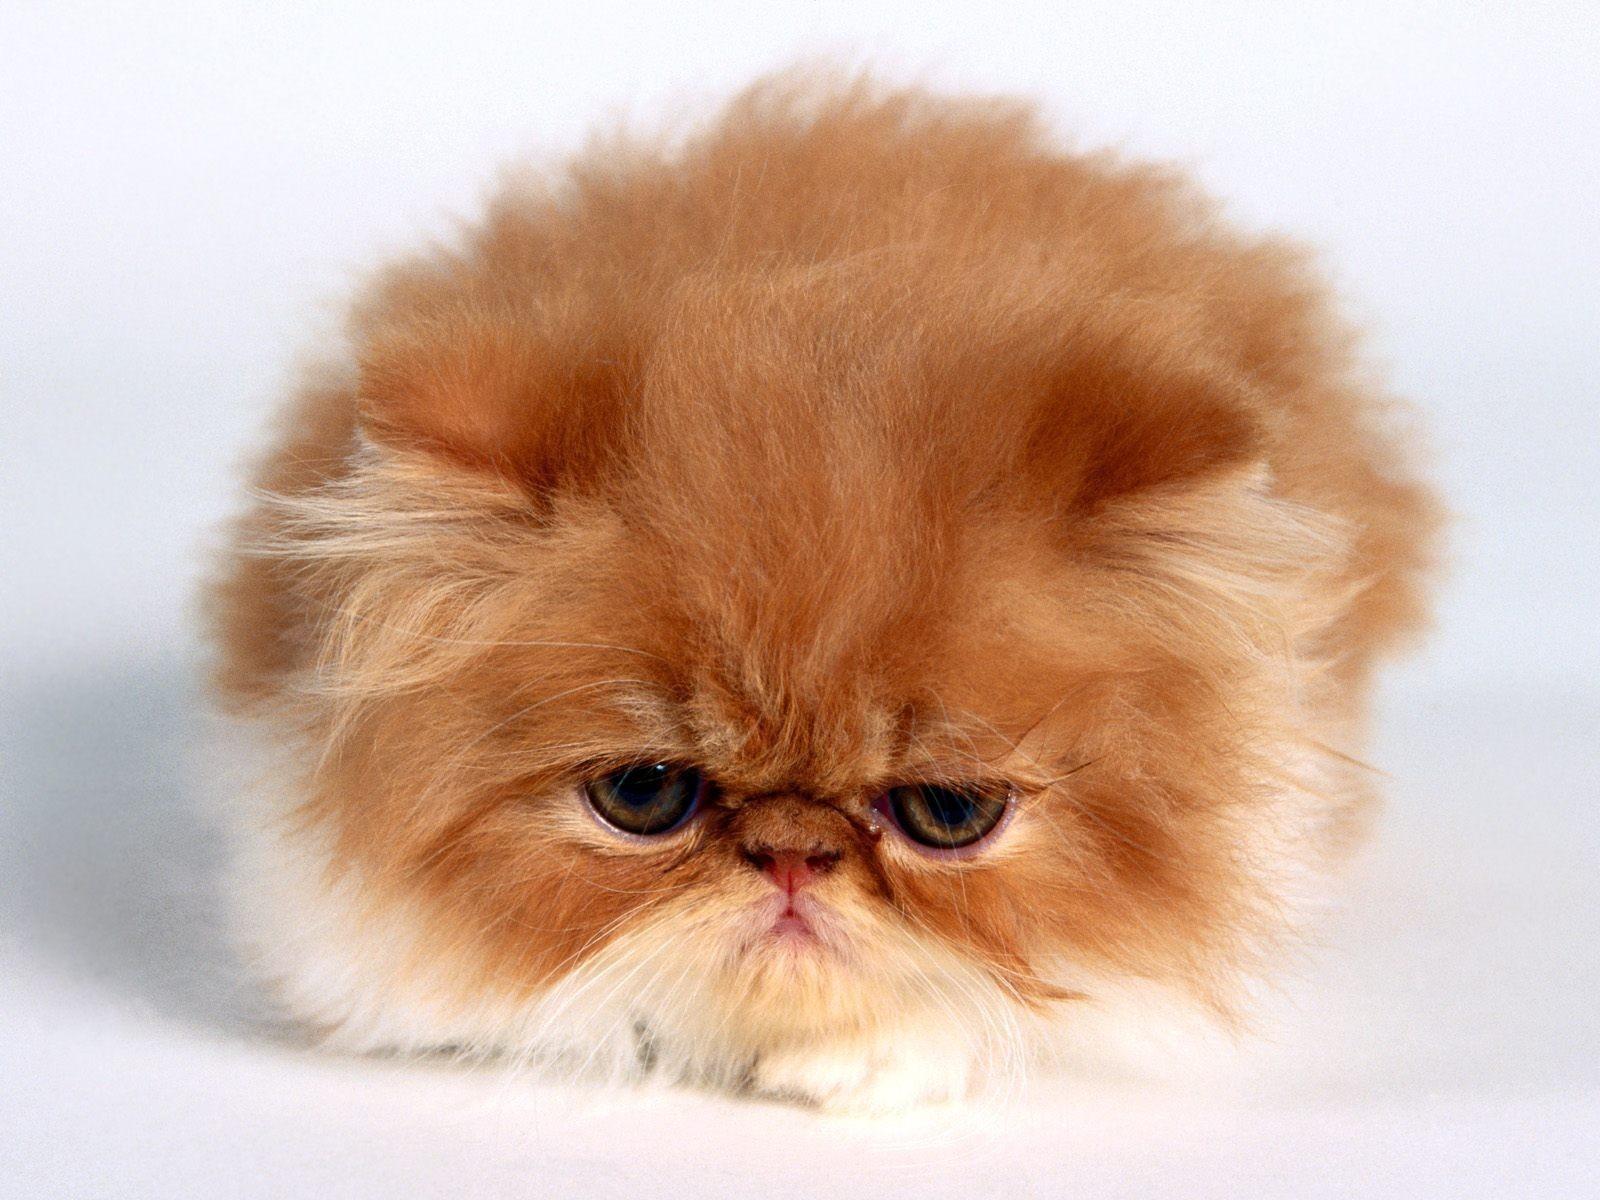 Fondos de pantalla de gatos persas